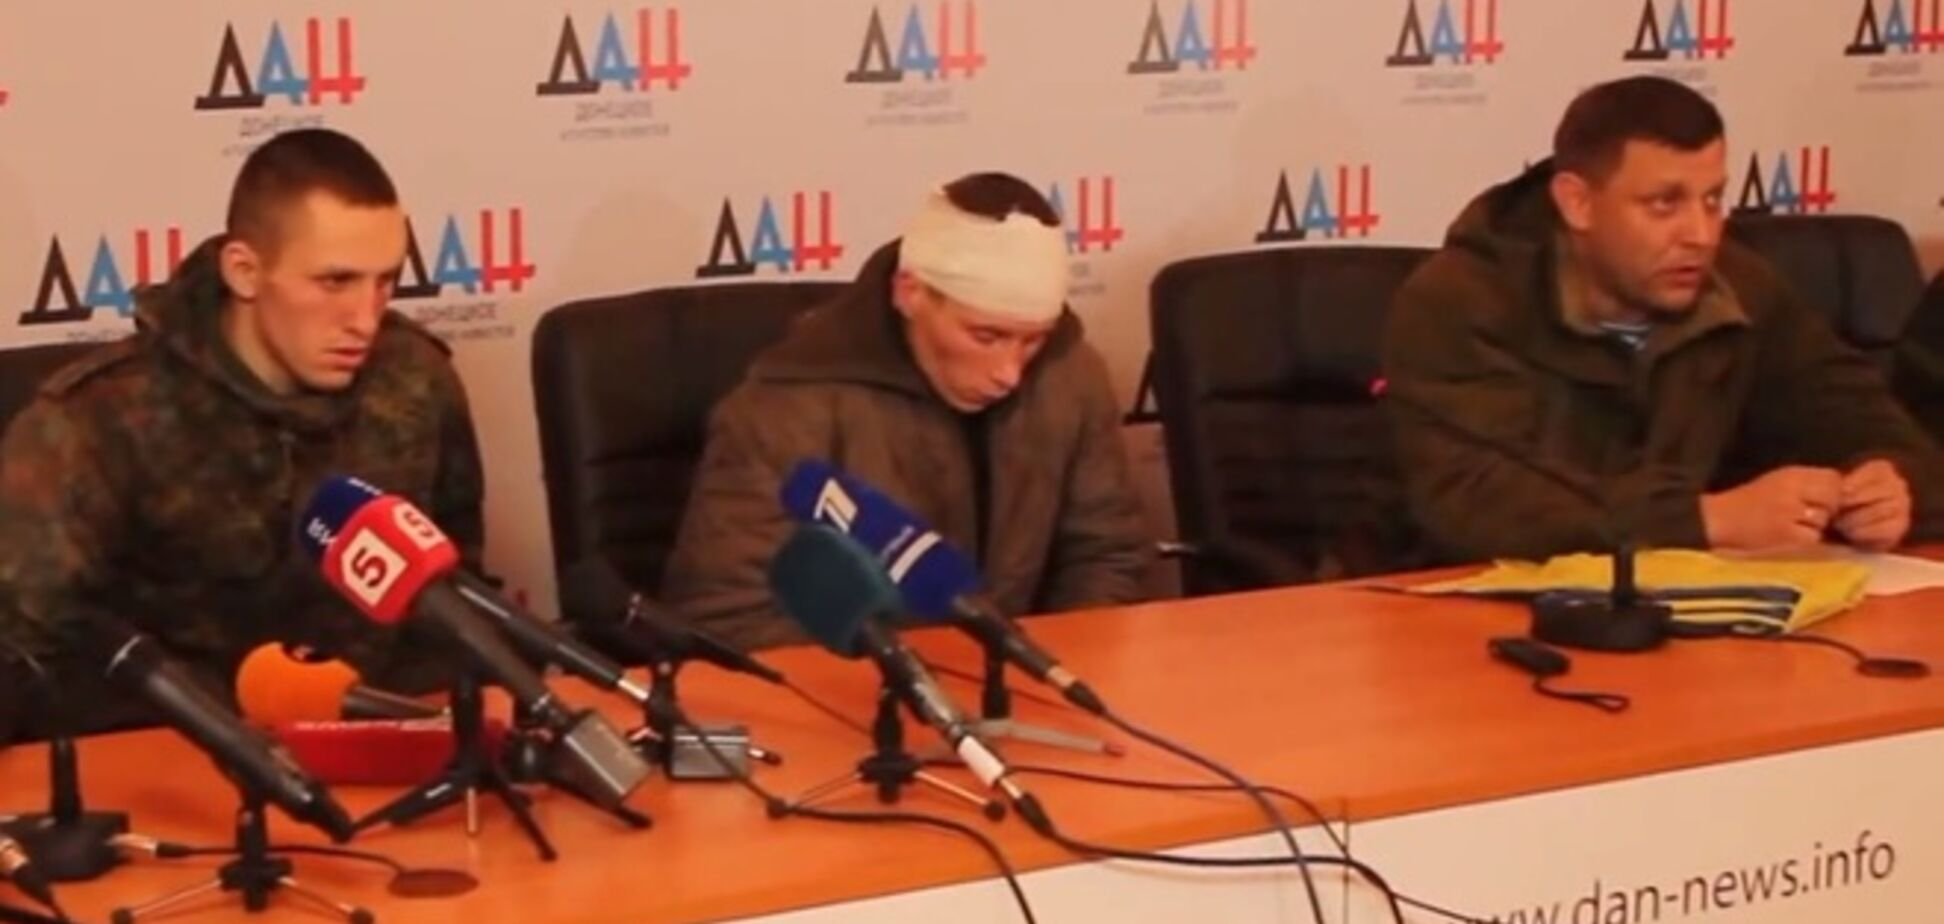 Главарь 'ДНР' угрожает Порошенко. Видеофакт